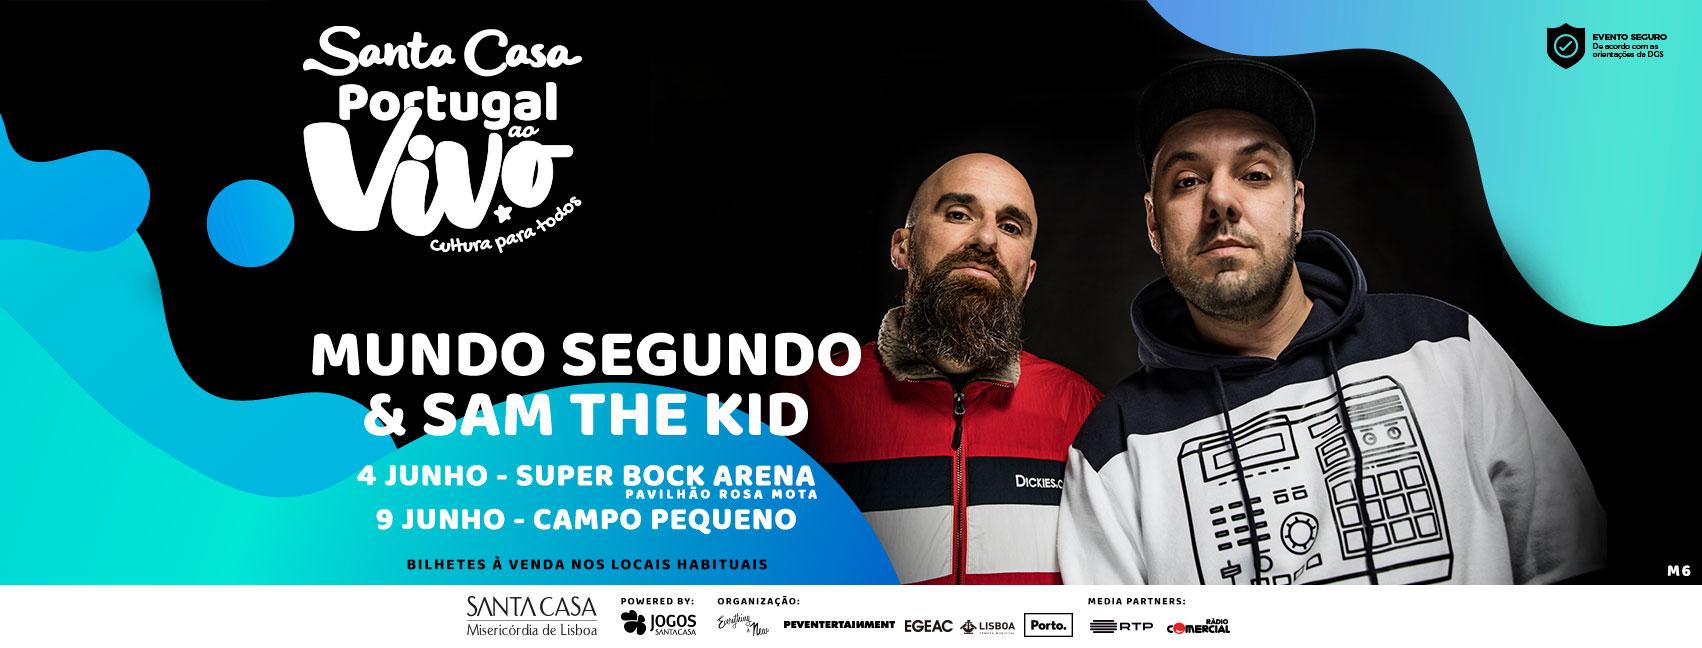 MUNDO SEGUNDO E SAM THE KID - SANTA CASA PORTUGAL AO VIVO 2ª EDIÇÃO